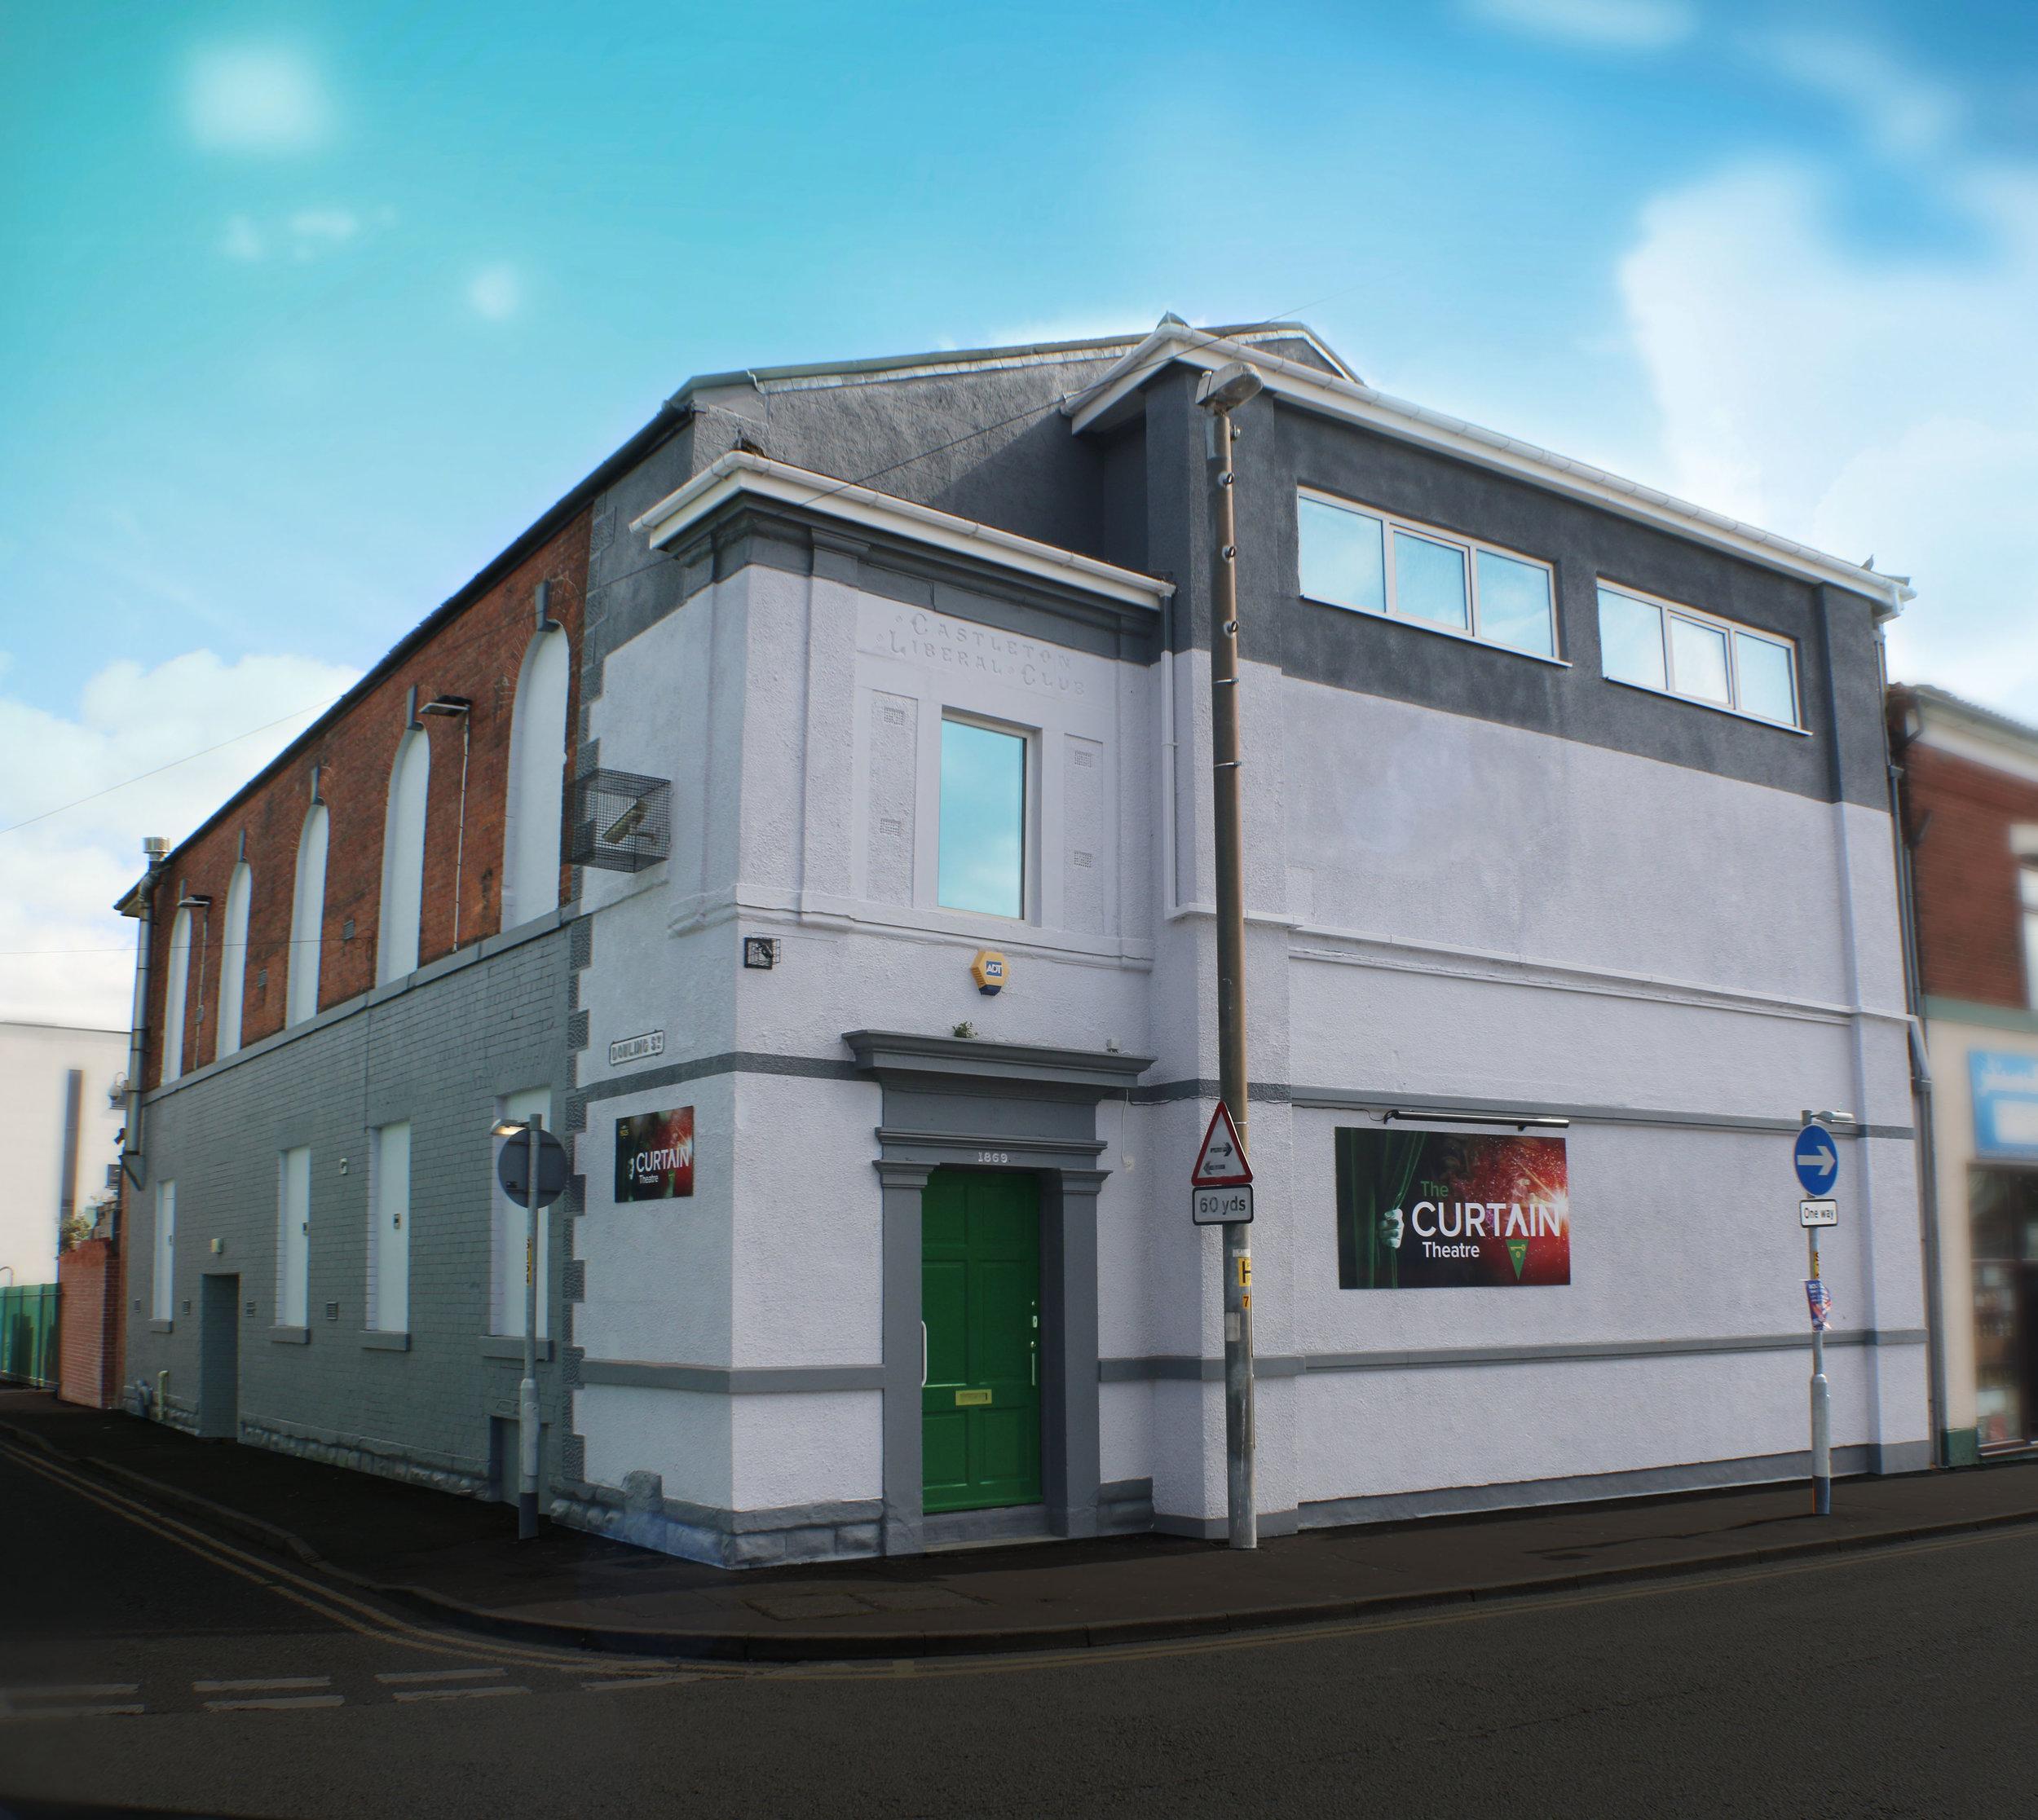 The Curtain Theatre Rochdale